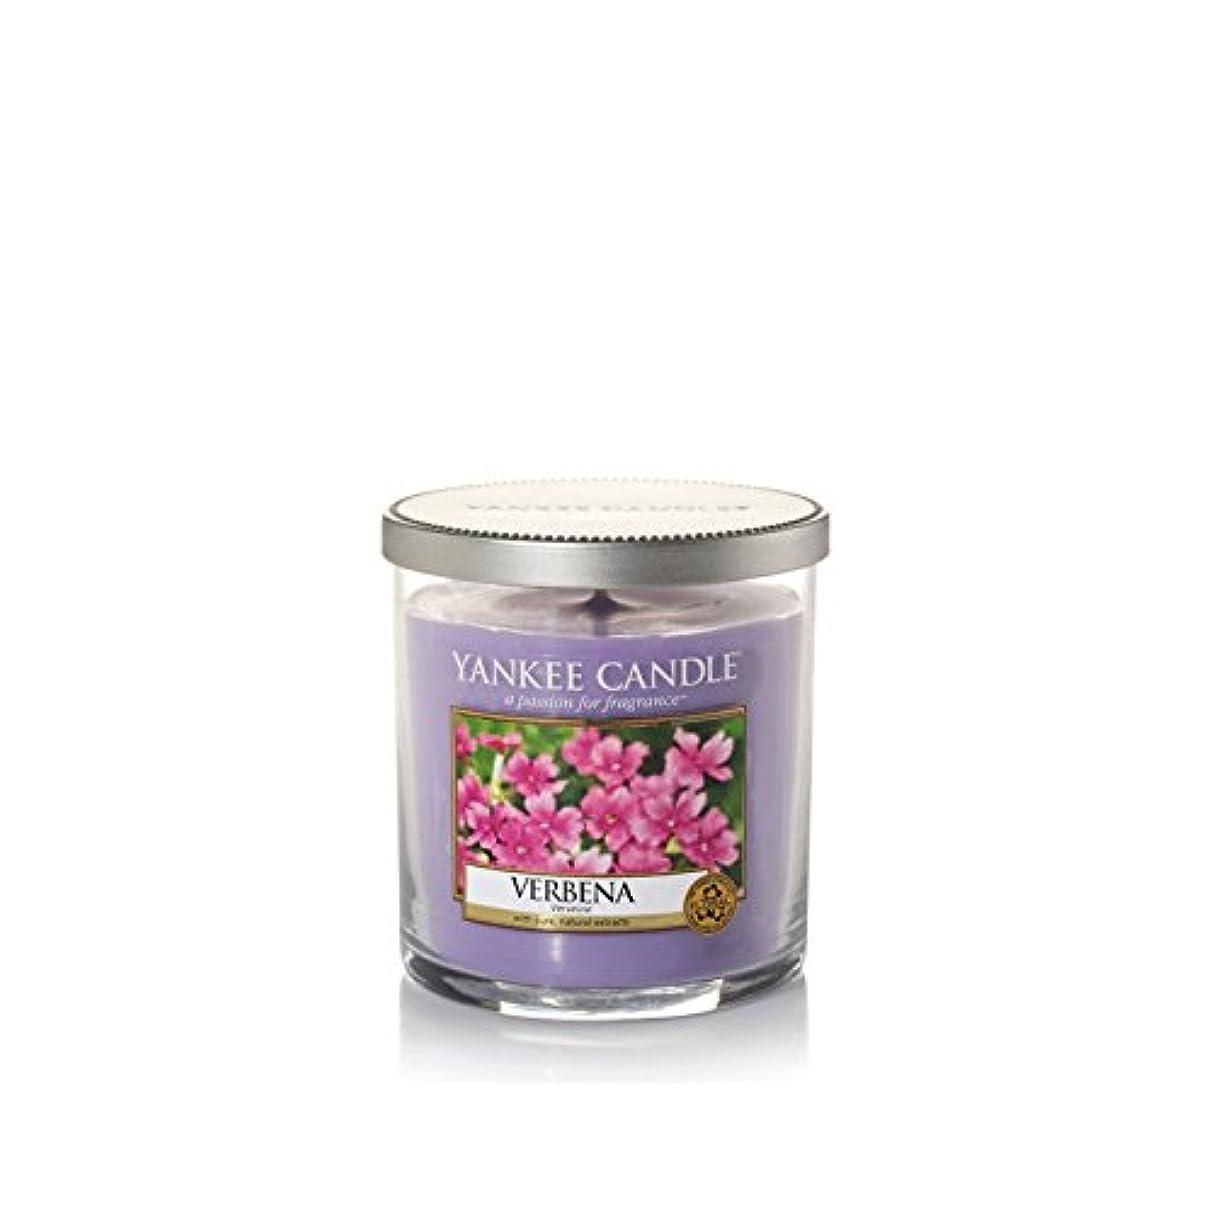 ダイバー失態チャーターYankee Candles Small Pillar Candle - Verbena (Pack of 2) - ヤンキーキャンドルの小さな柱キャンドル - バーベナ (x2) [並行輸入品]